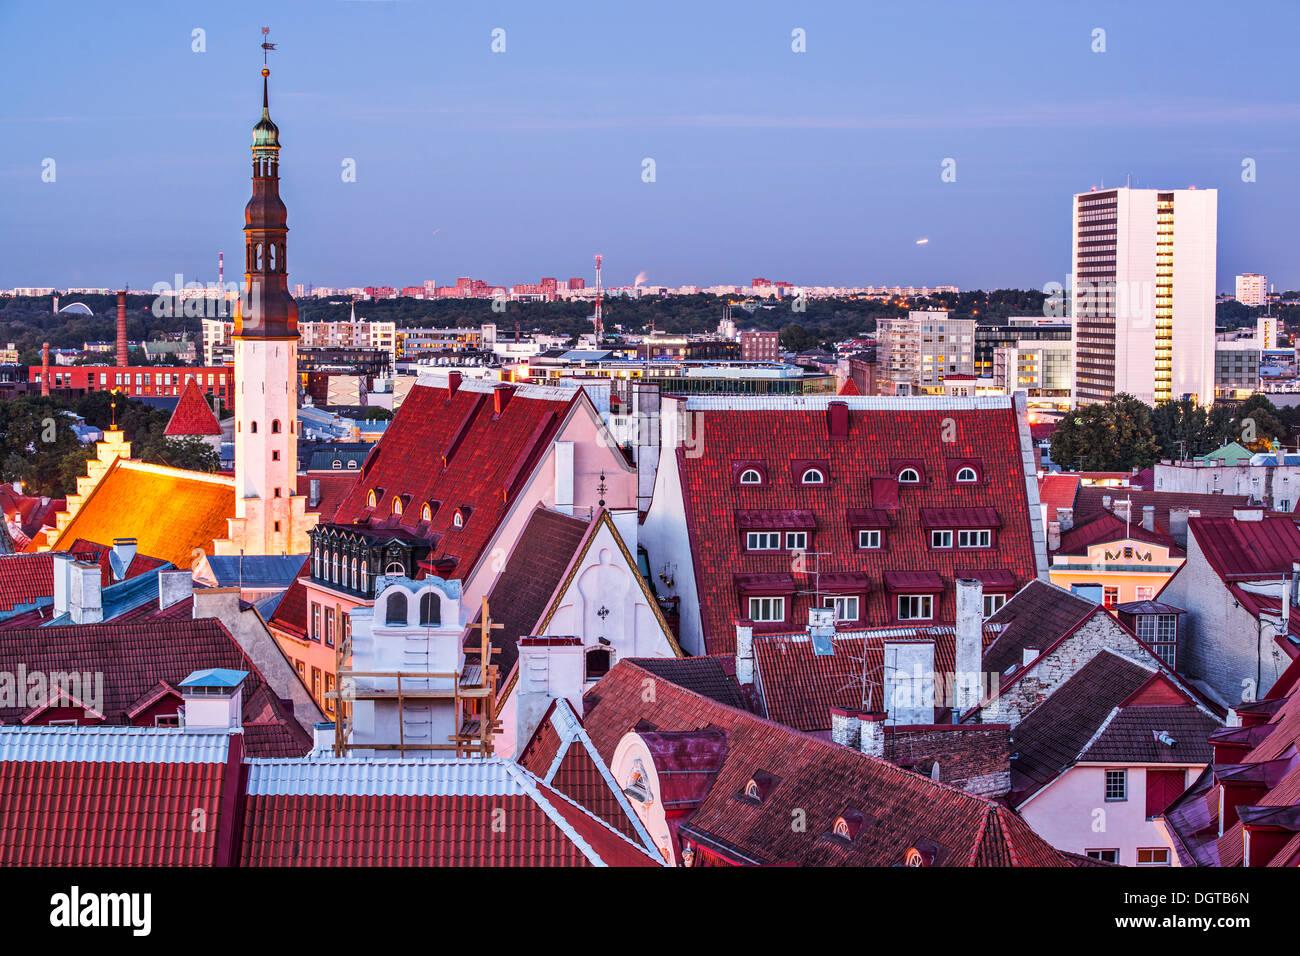 Horizonte de Tallin, Estonia, en el casco antiguo de la ciudad. Imagen De Stock